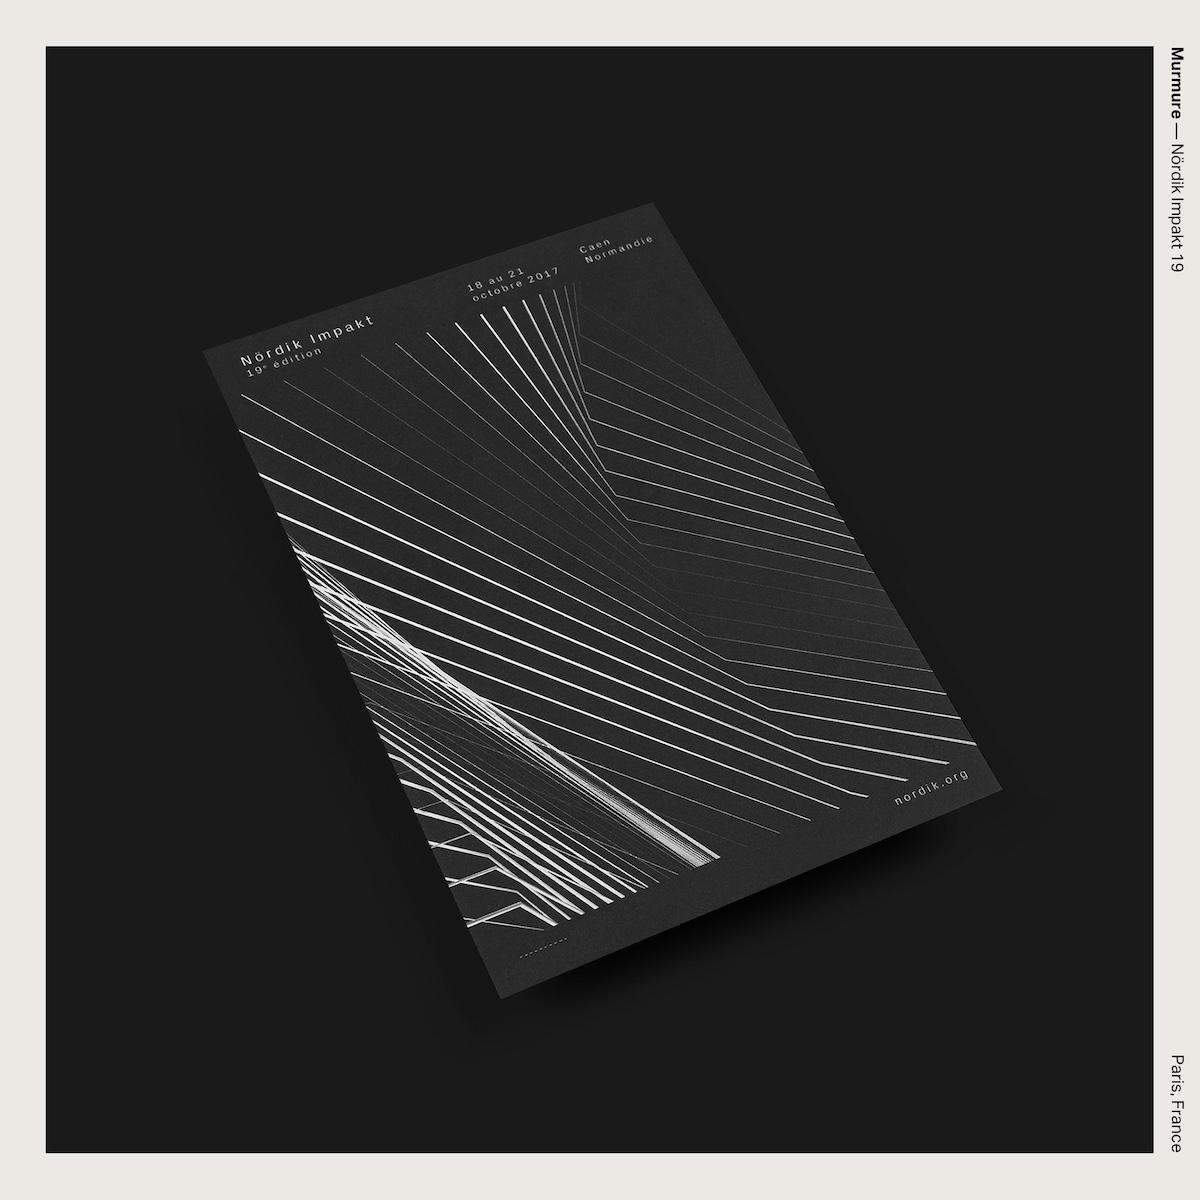 Murmure — Nördik Impakt 19